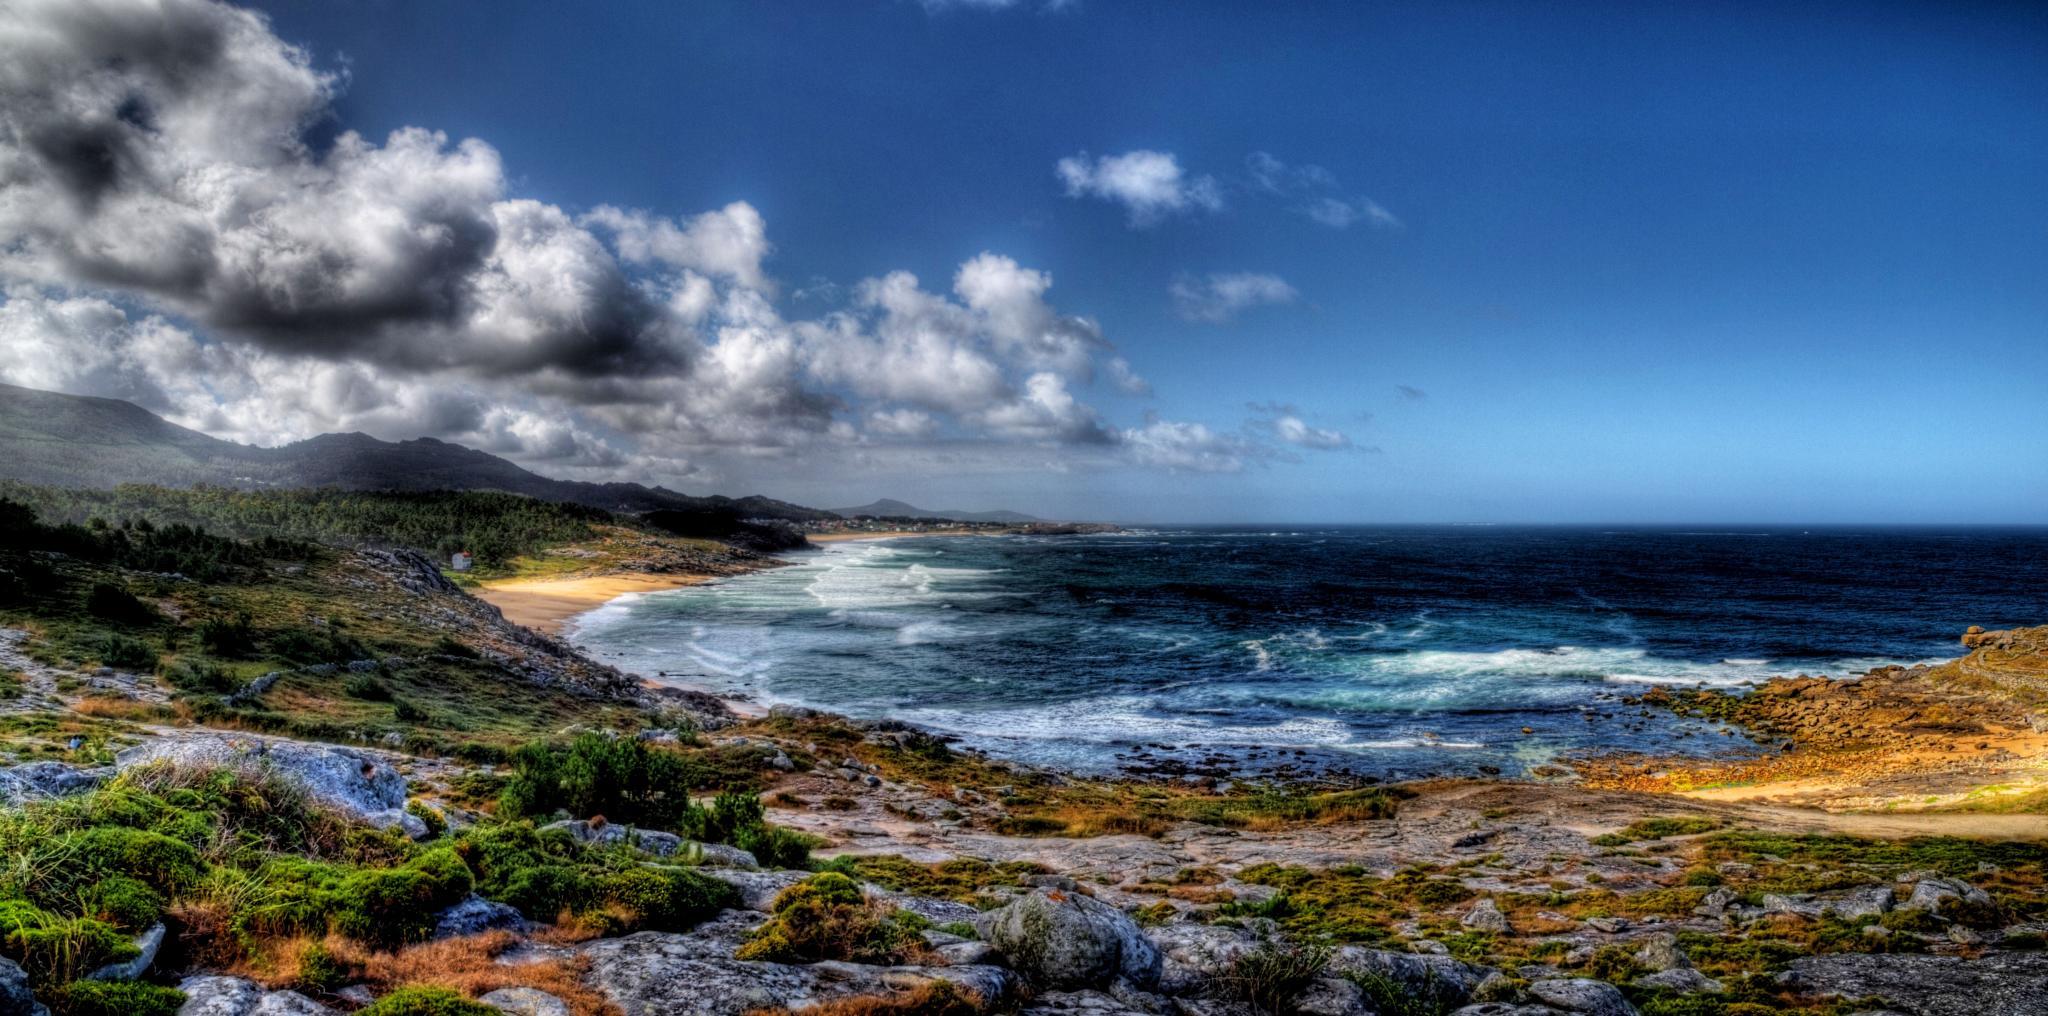 Area Longa, salvaje y tranquila. Foto: Flickr.